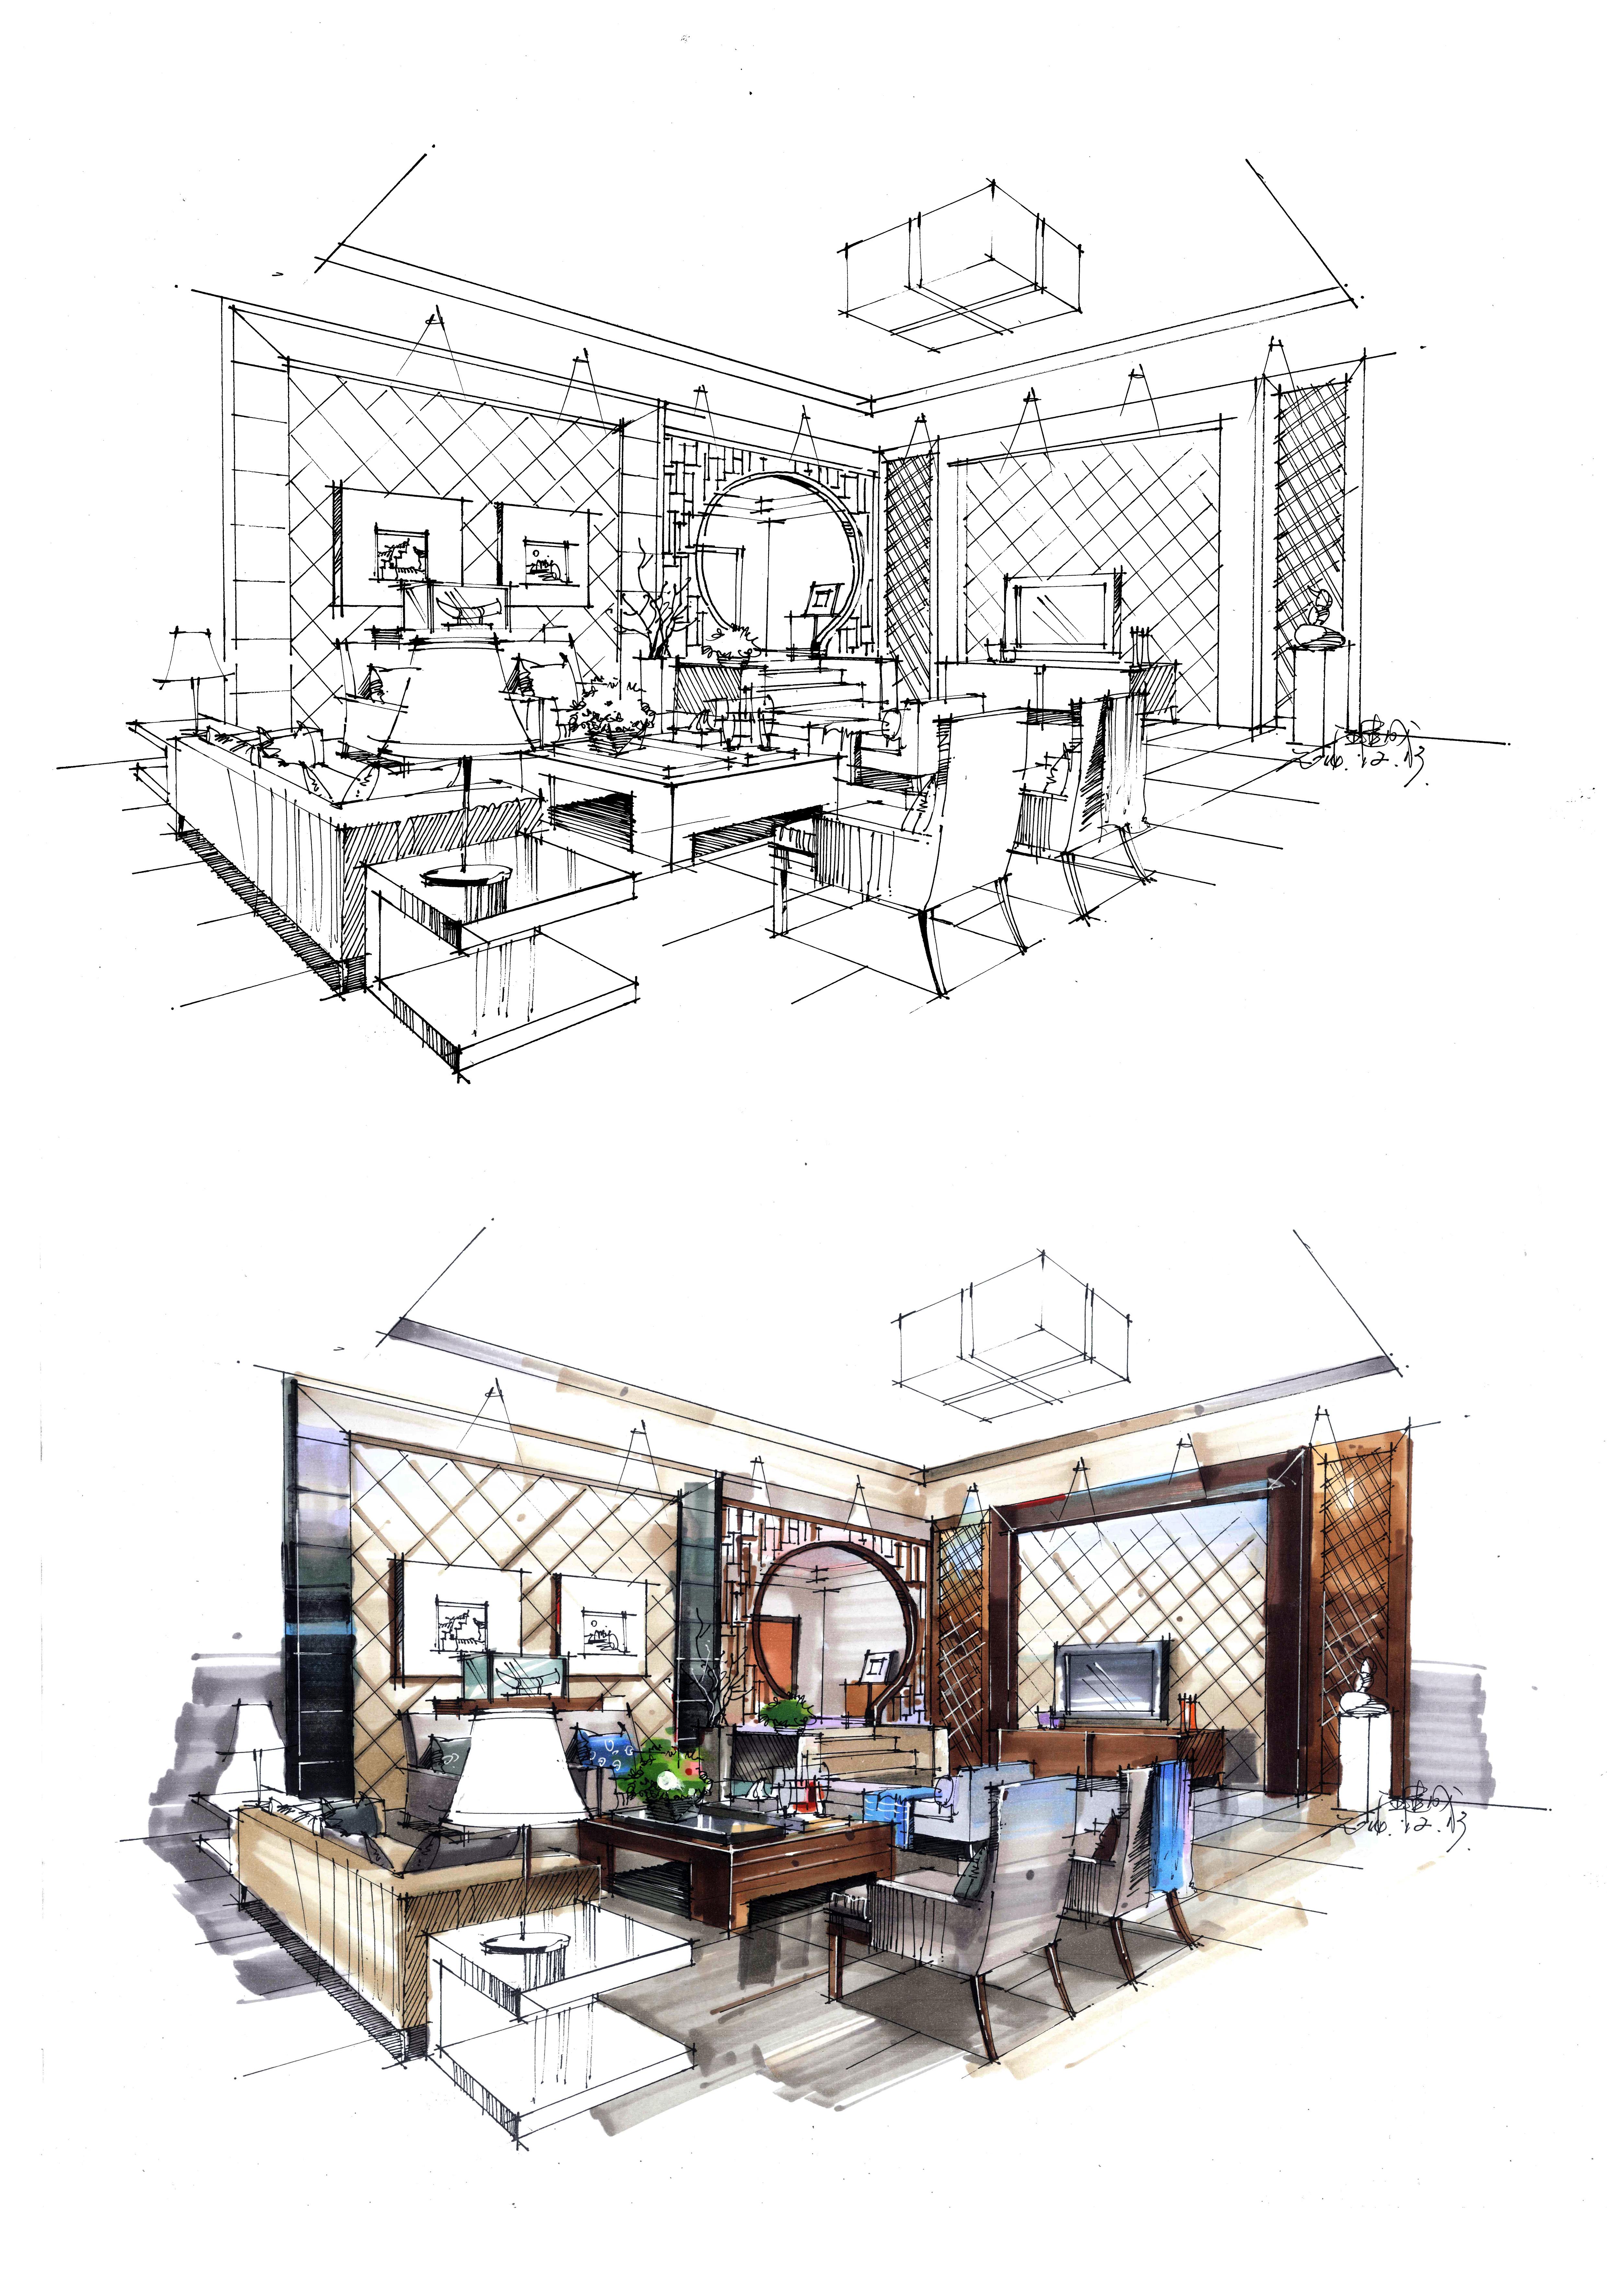 室内效果图|空间|舞台美术|汪建成 - 原创作品 - 站酷